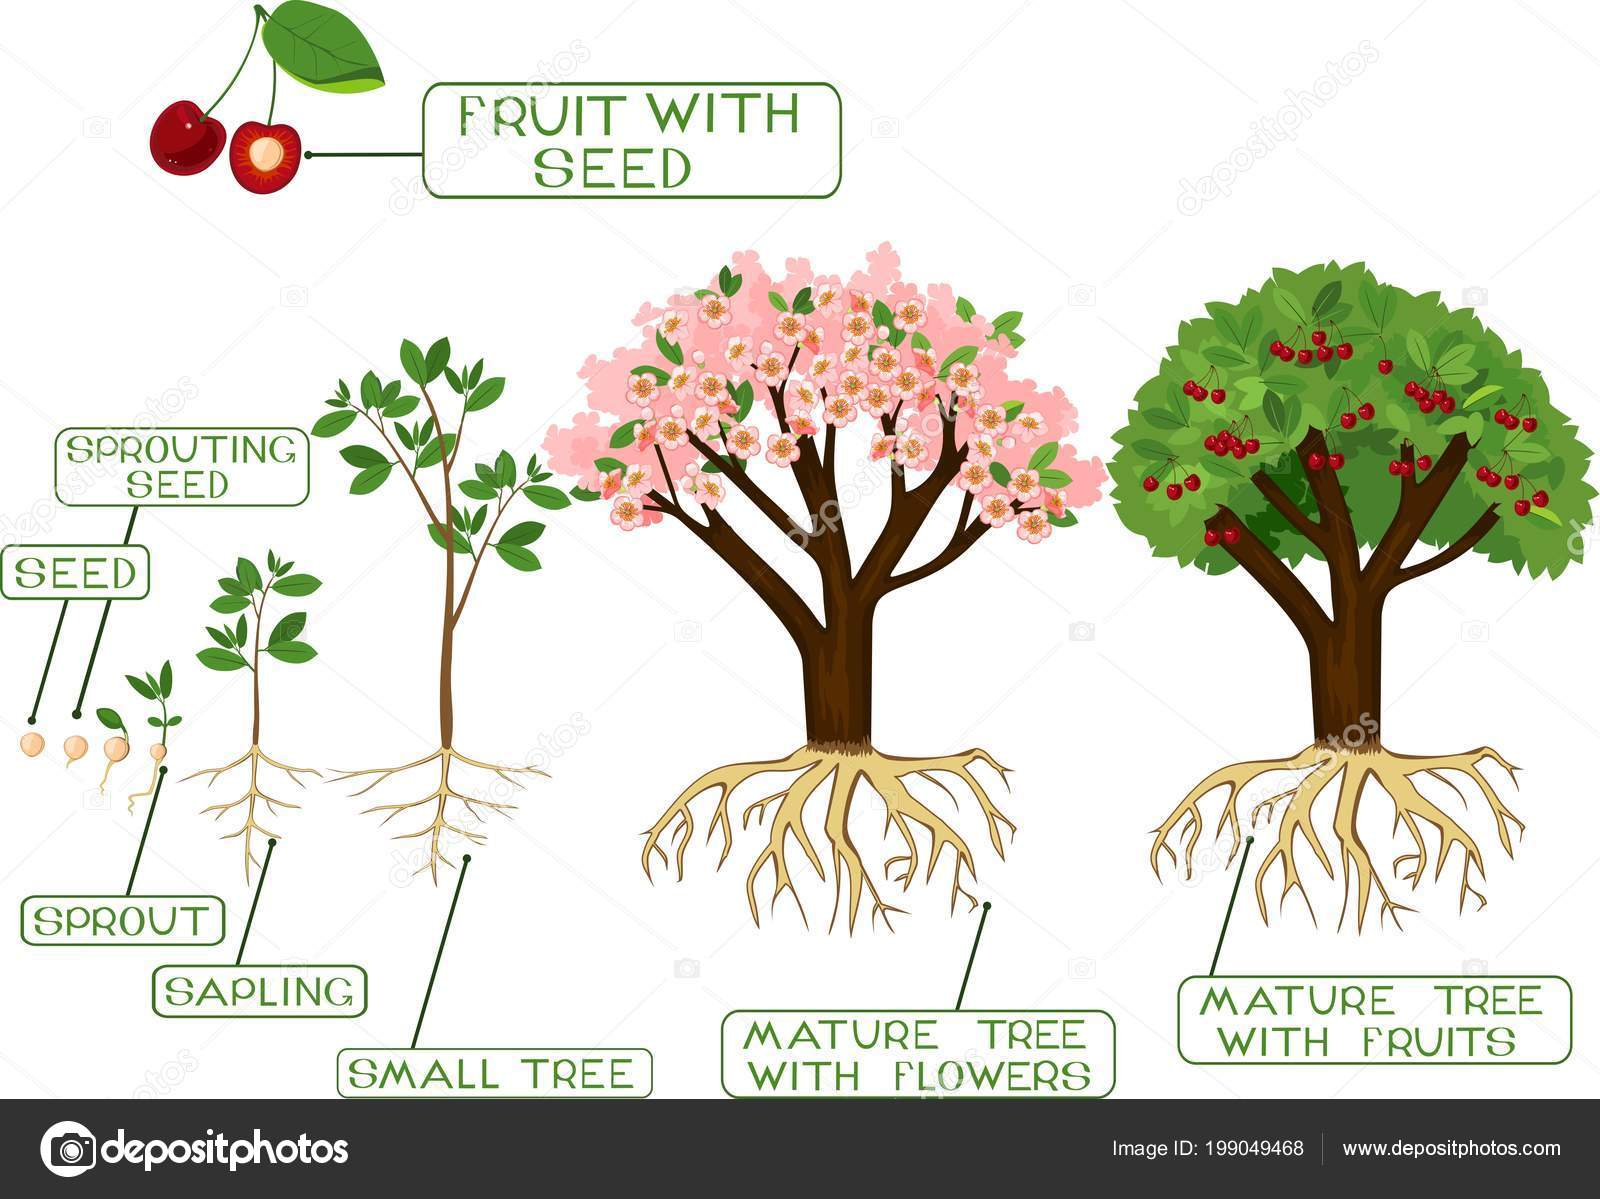 Жизненный цикл дерева картинка